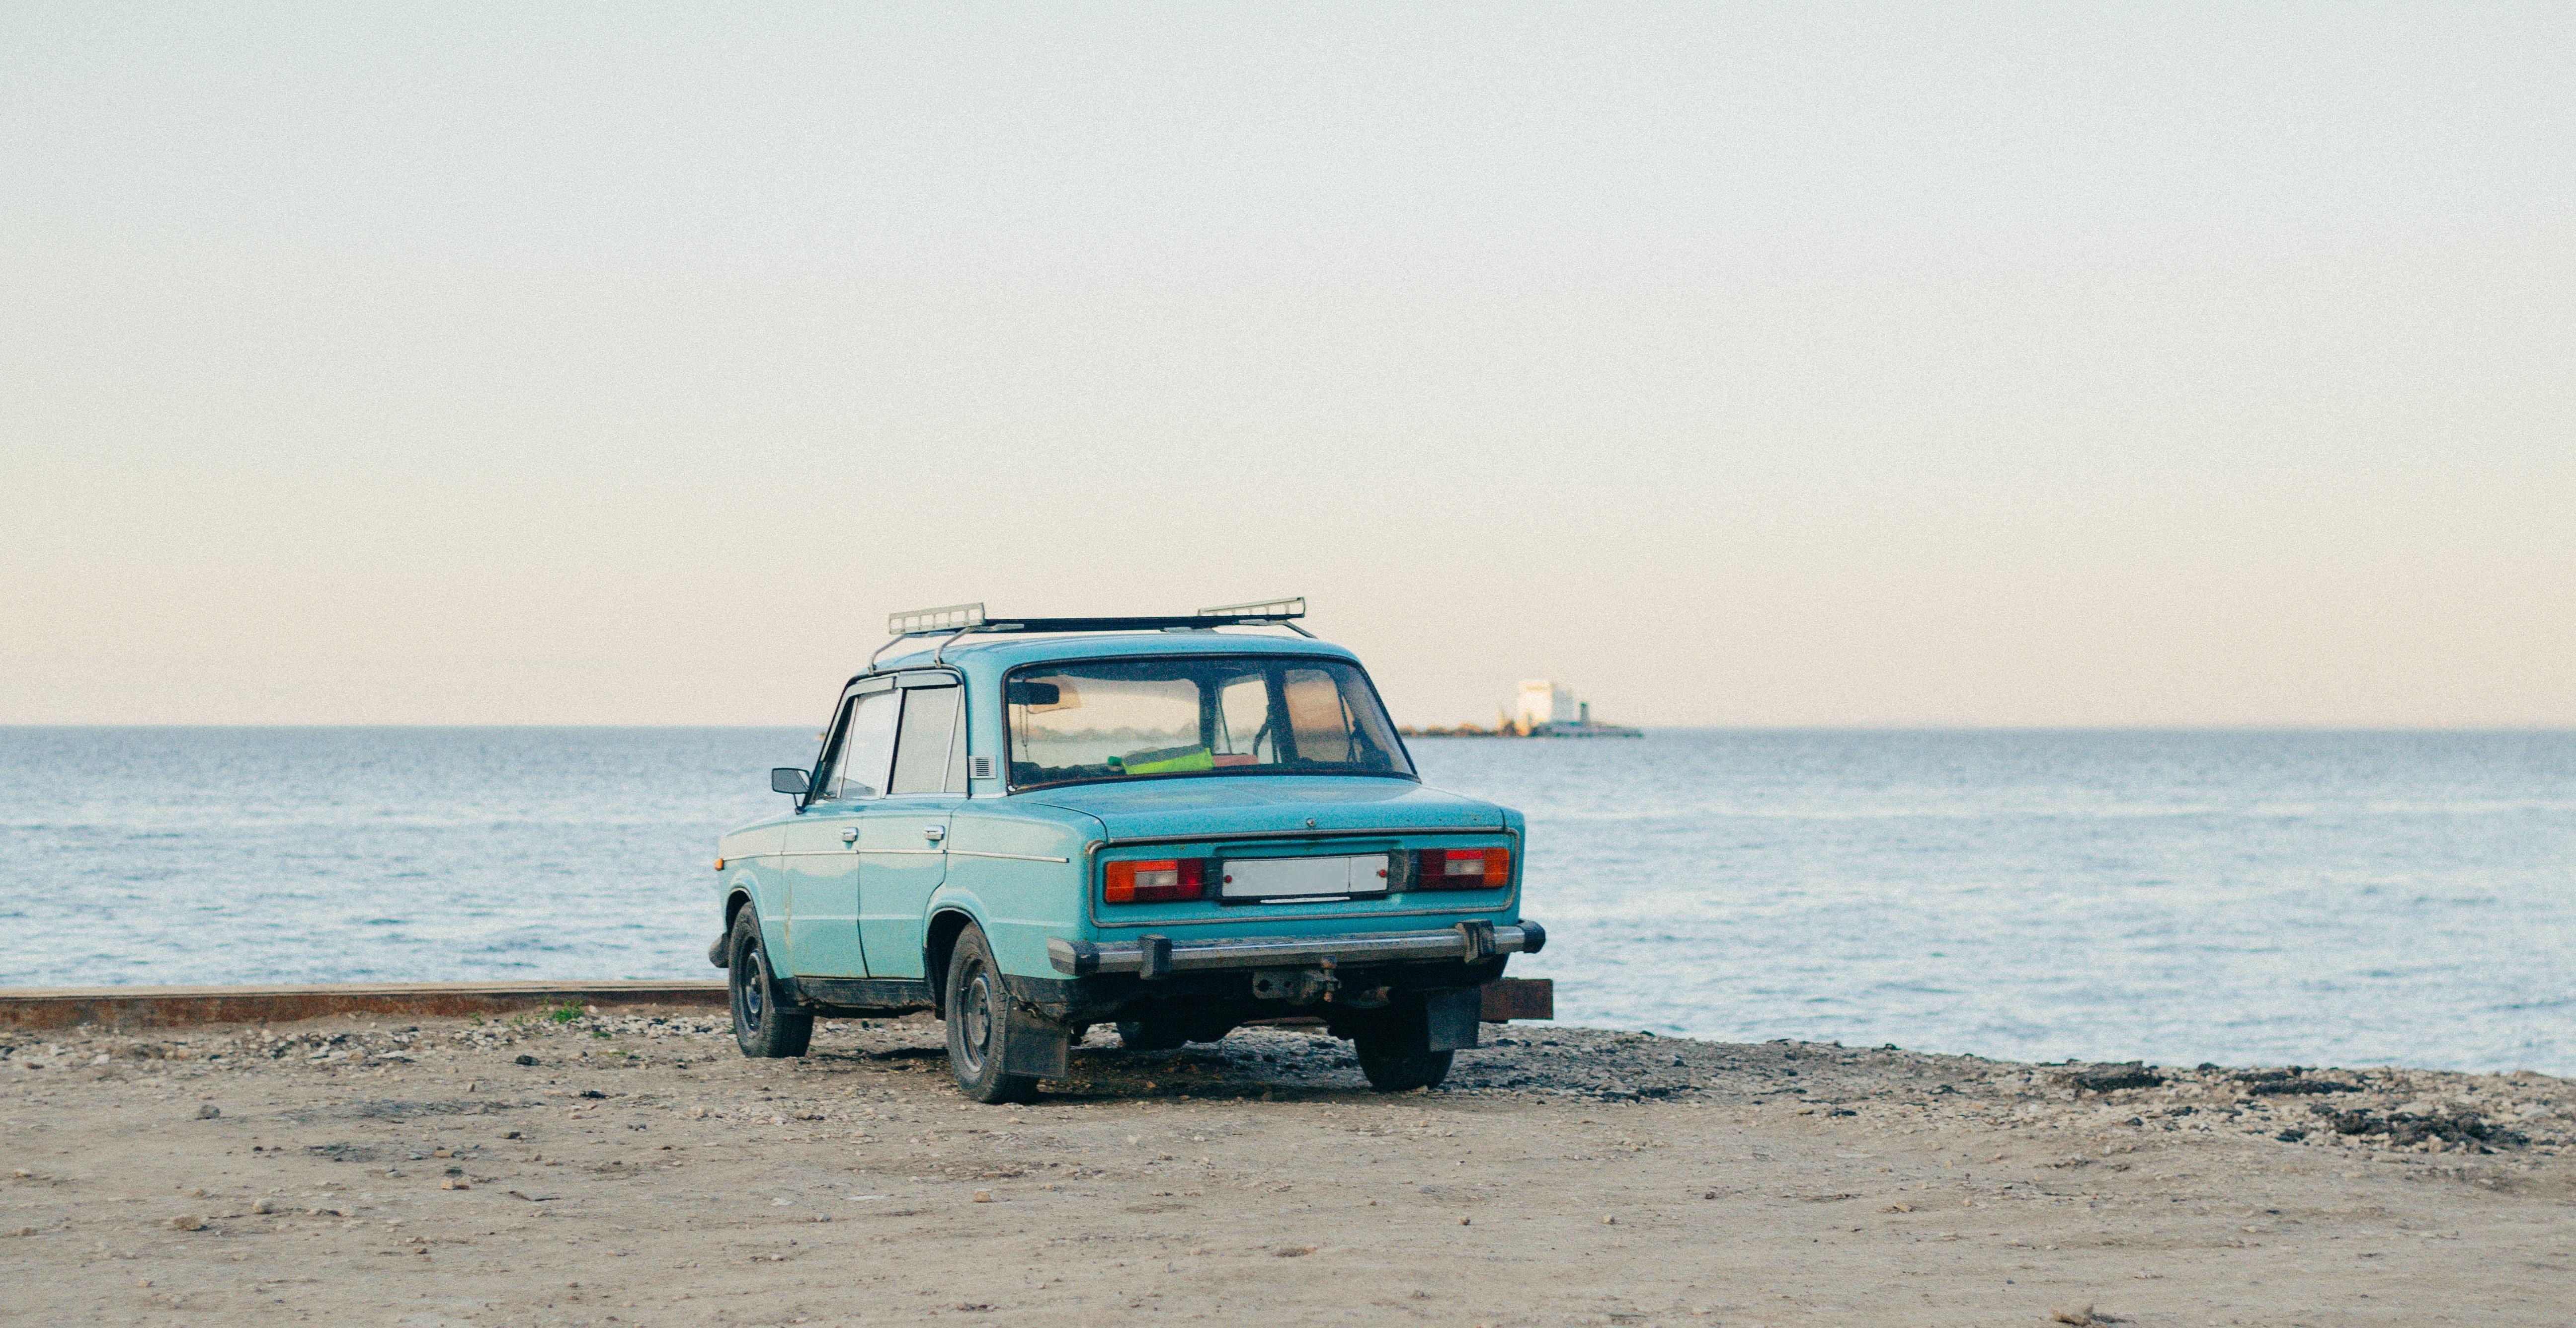 blue sedan near body of water